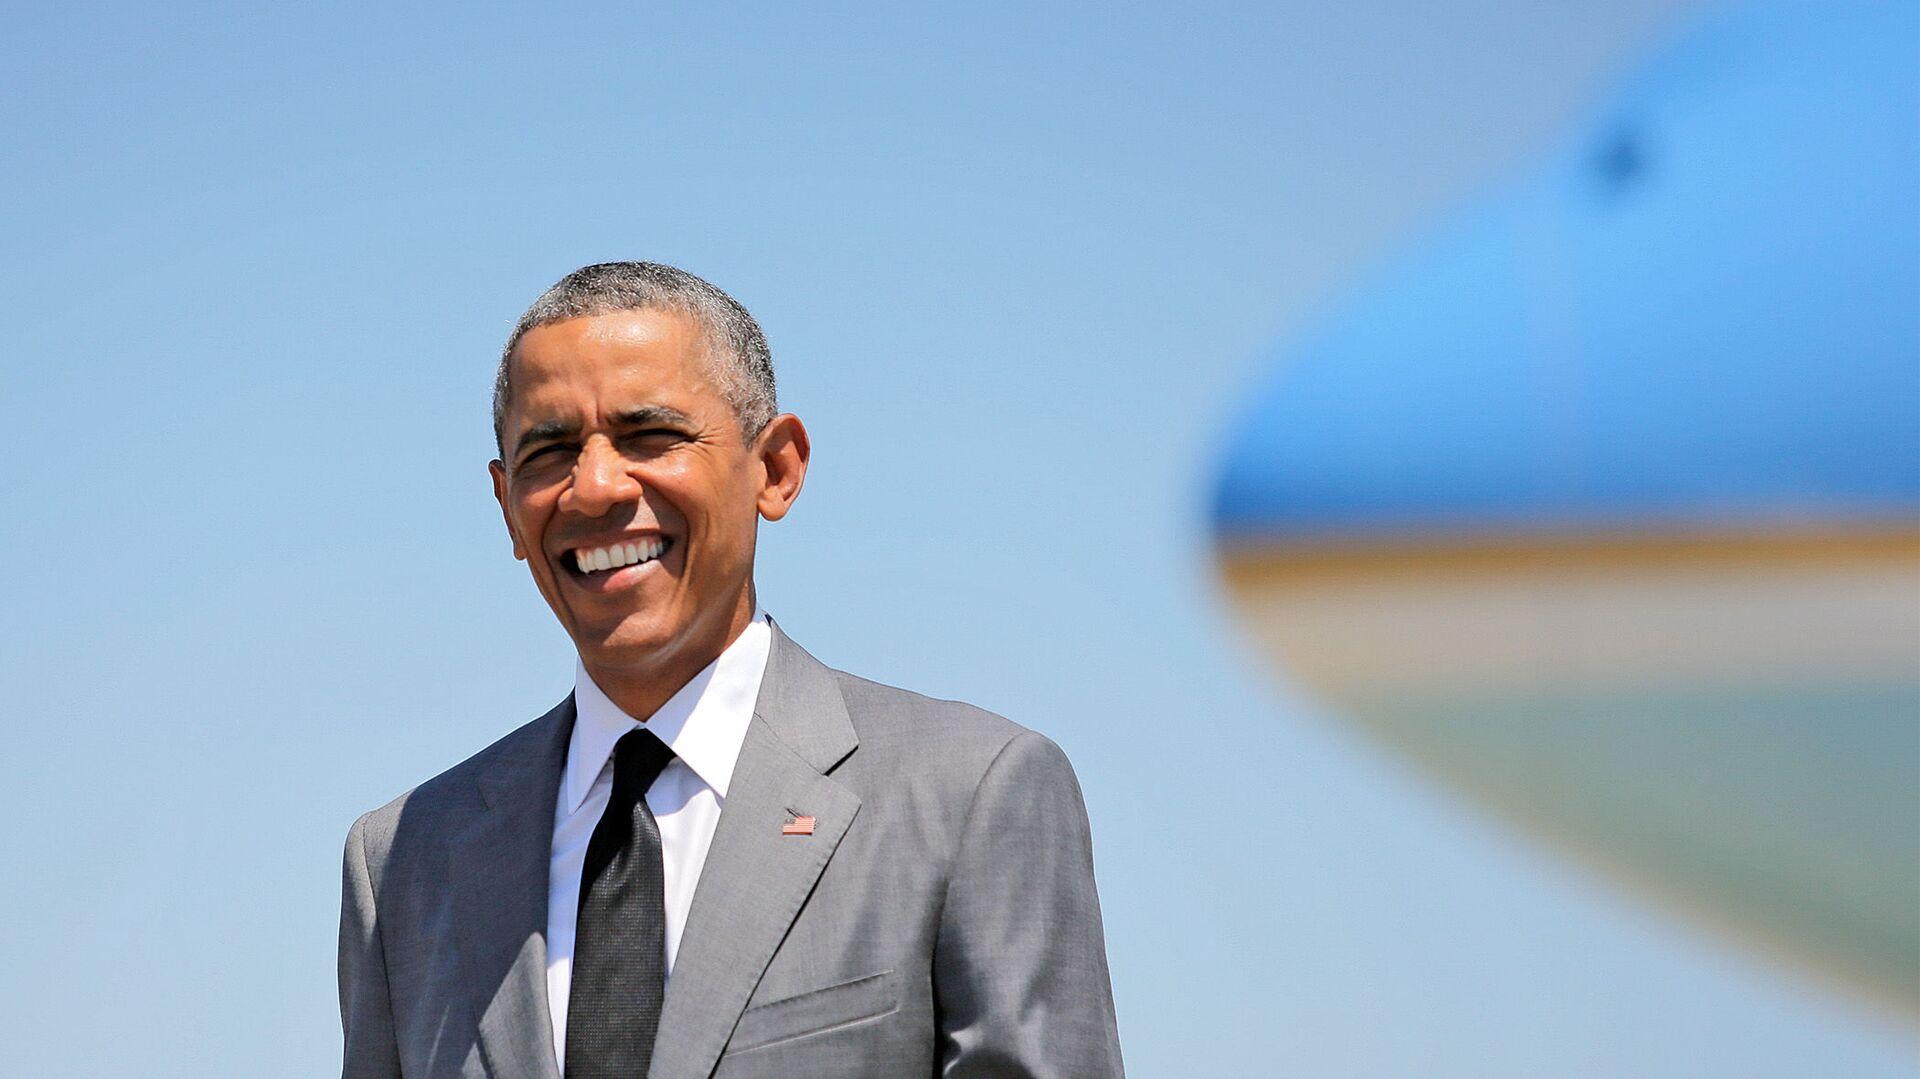 Экс-президент США Барак Обама - Sputnik Азербайджан, 1920, 13.08.2021